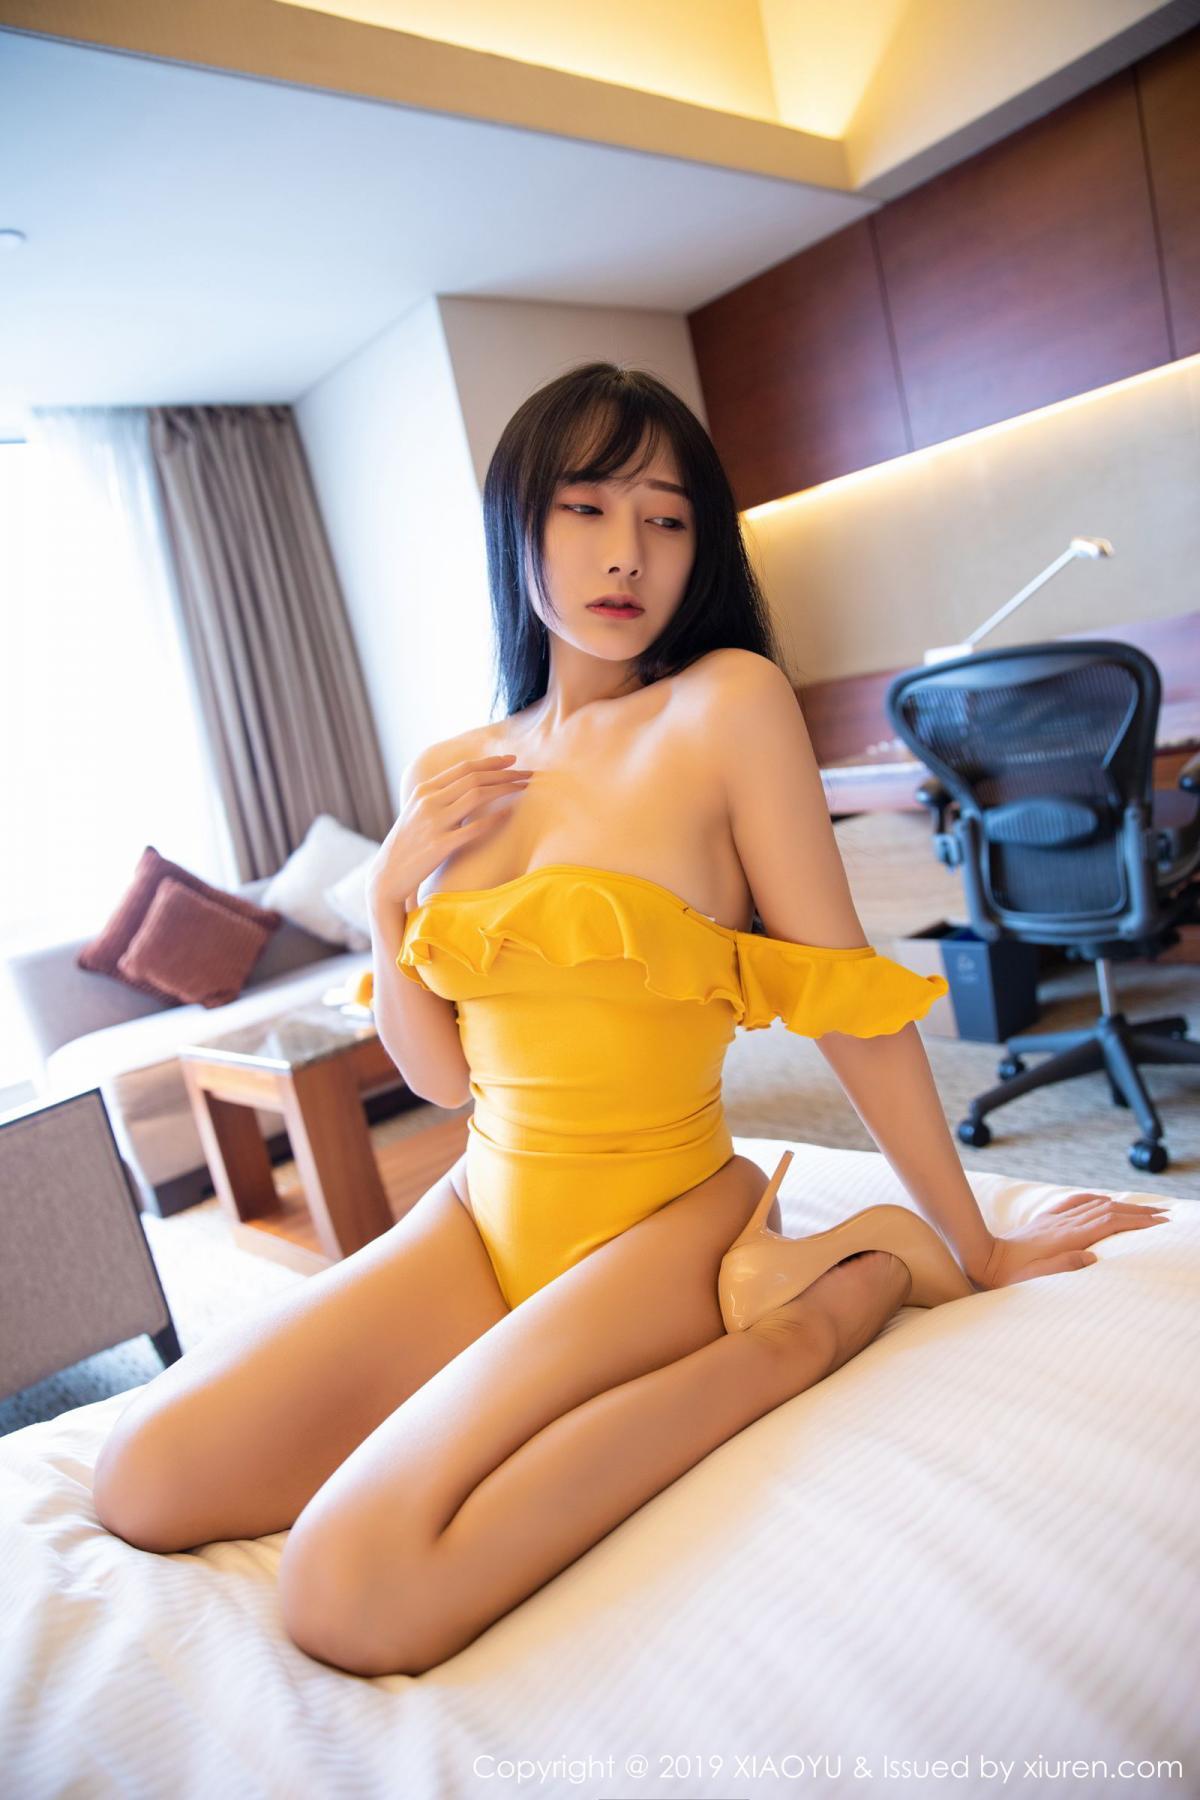 [XiaoYu] Vol.140 He Jia Ying 32P, He Jia Ying, Tall, XiaoYu